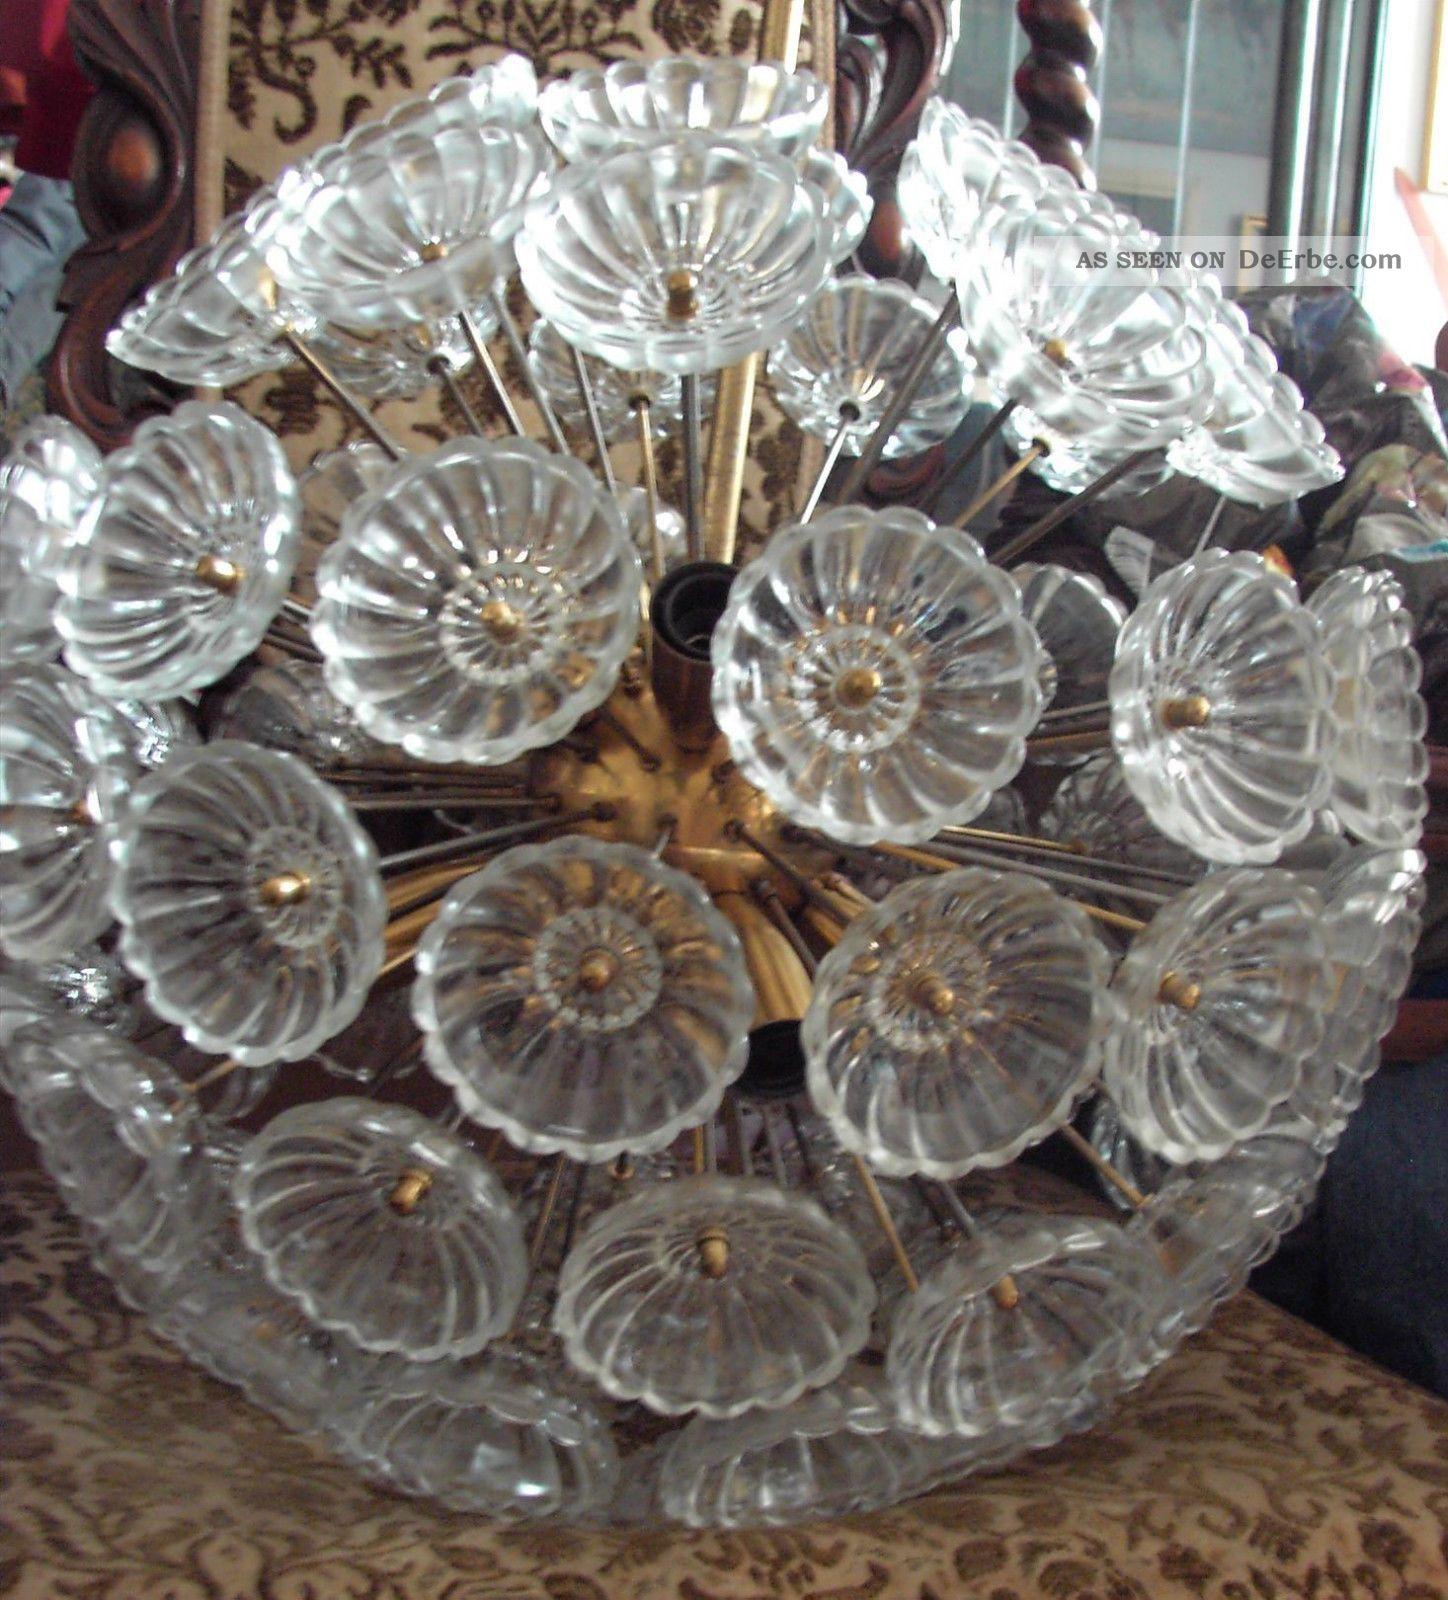 große lampe ddr pusteblume veb kristalleuchte emil stejnar sputnik